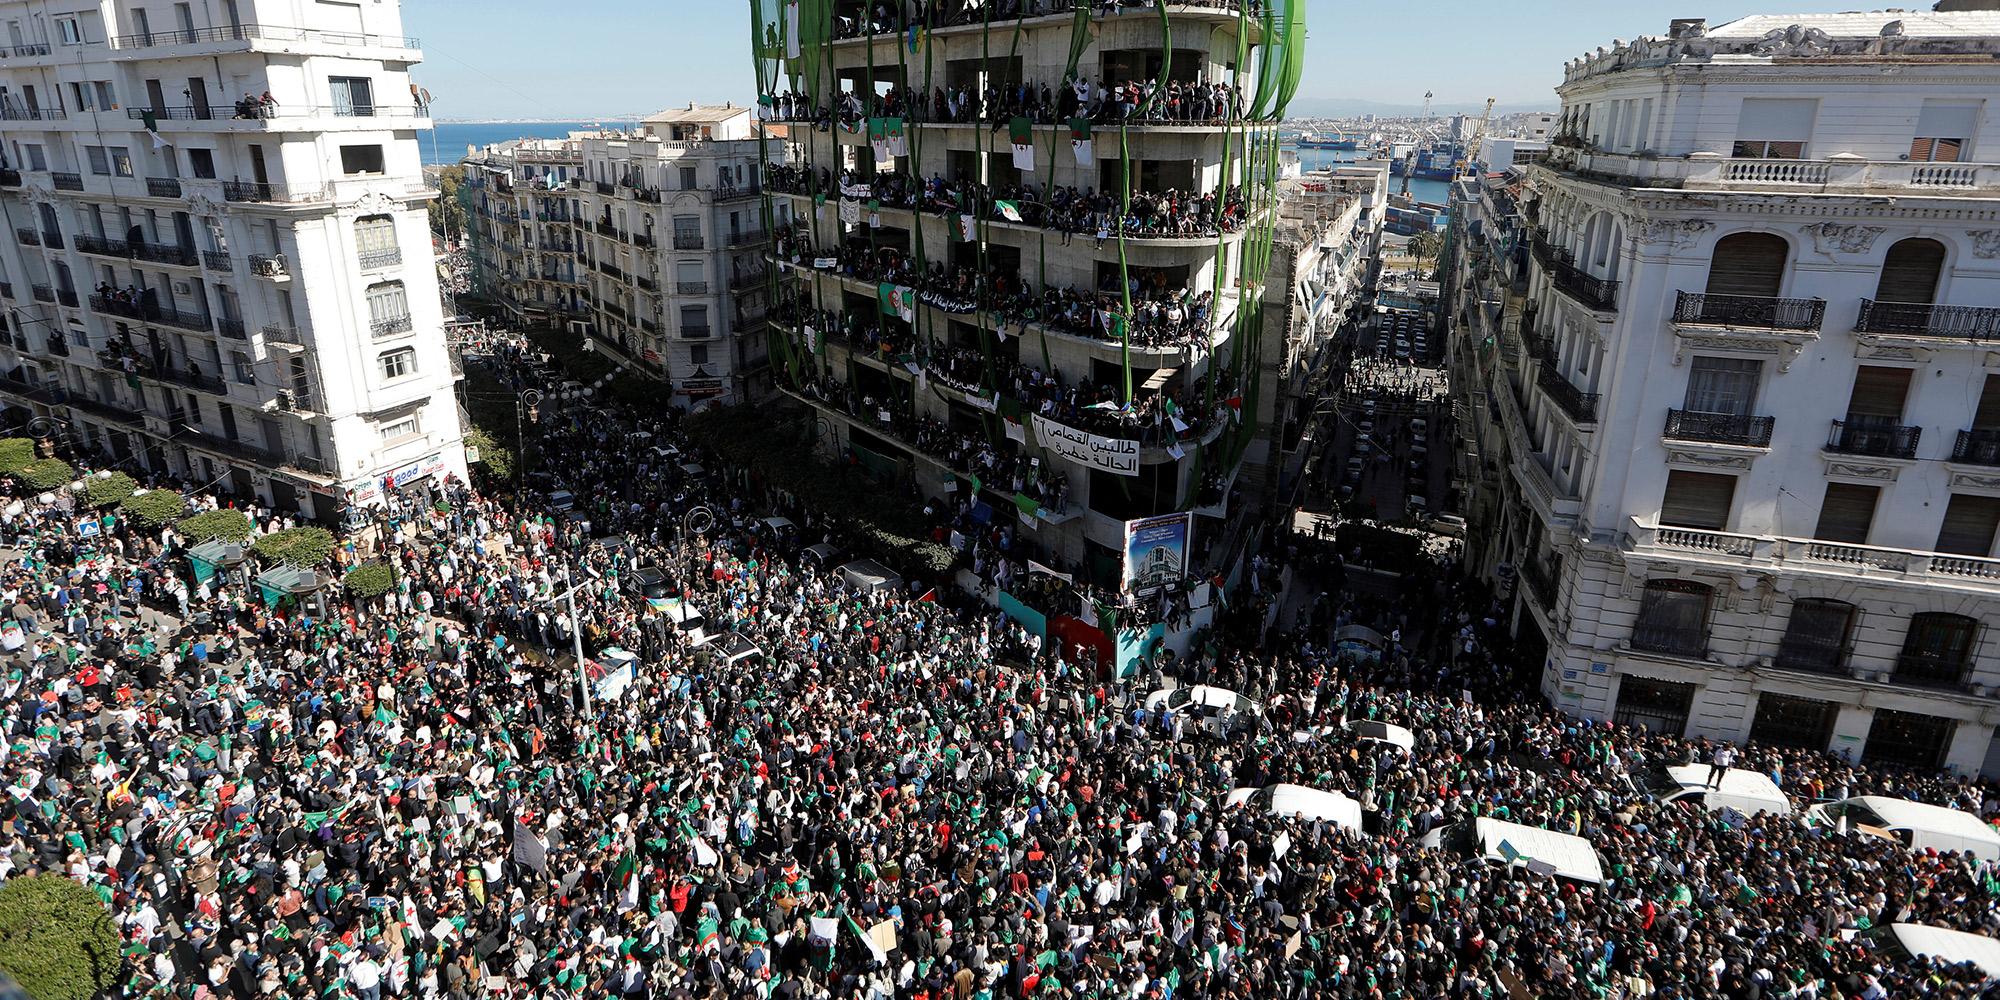 Algérie - Cinquième vendredi de mobilisation : le peuple attend une réponse sérieuse du pouvoir -